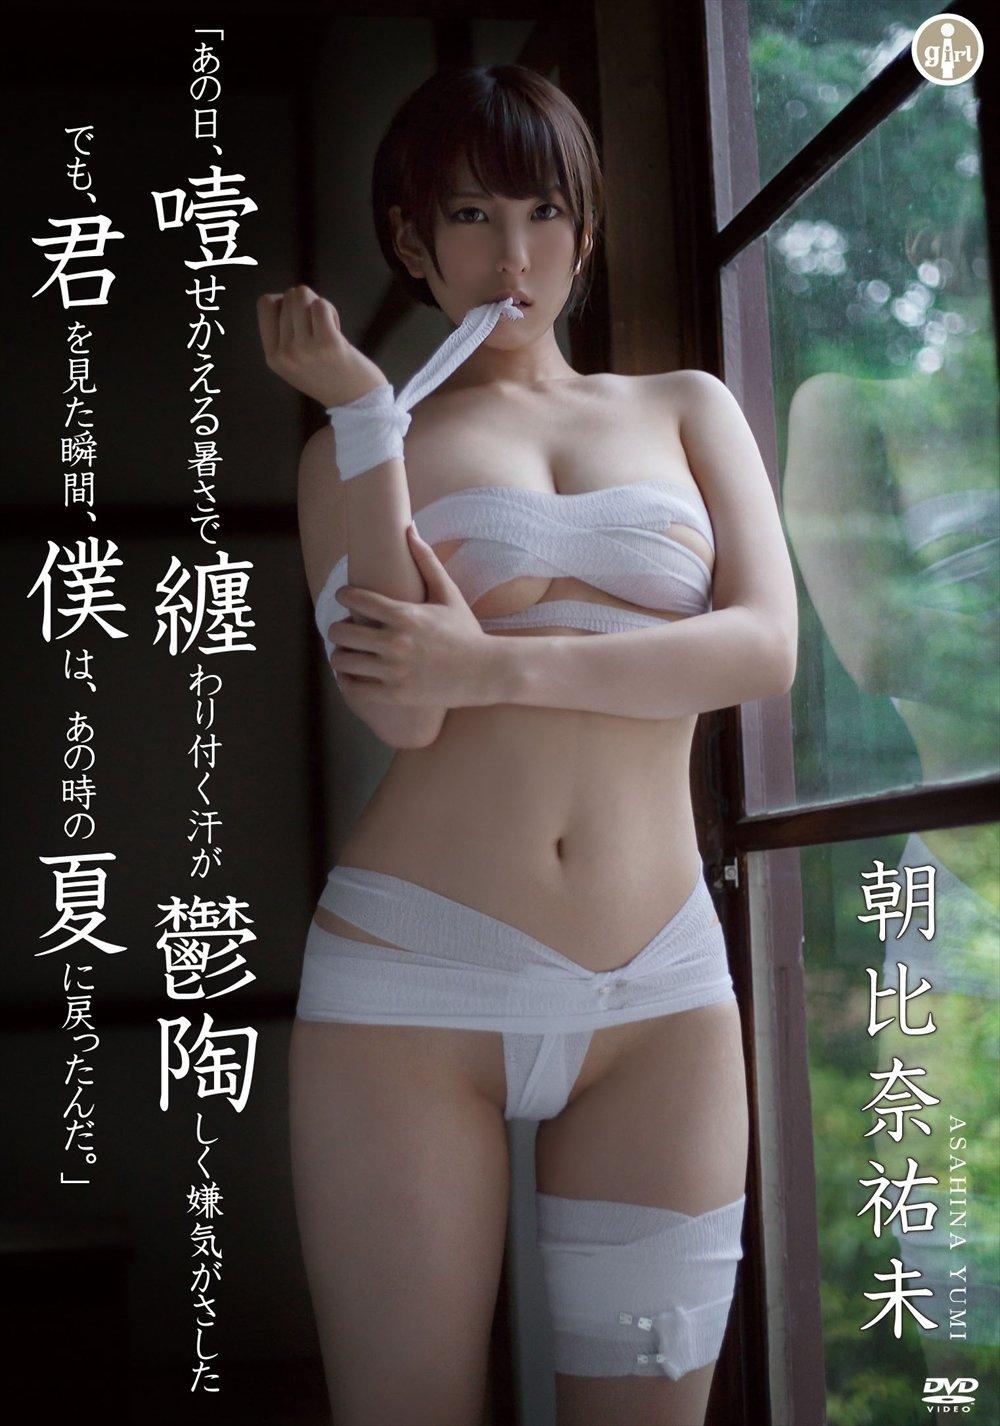 朝比奈祐未 DVD ≪あの日、噎せかえる暑さで纏わり付く汗が…≫ (発売日 2017/10/27)